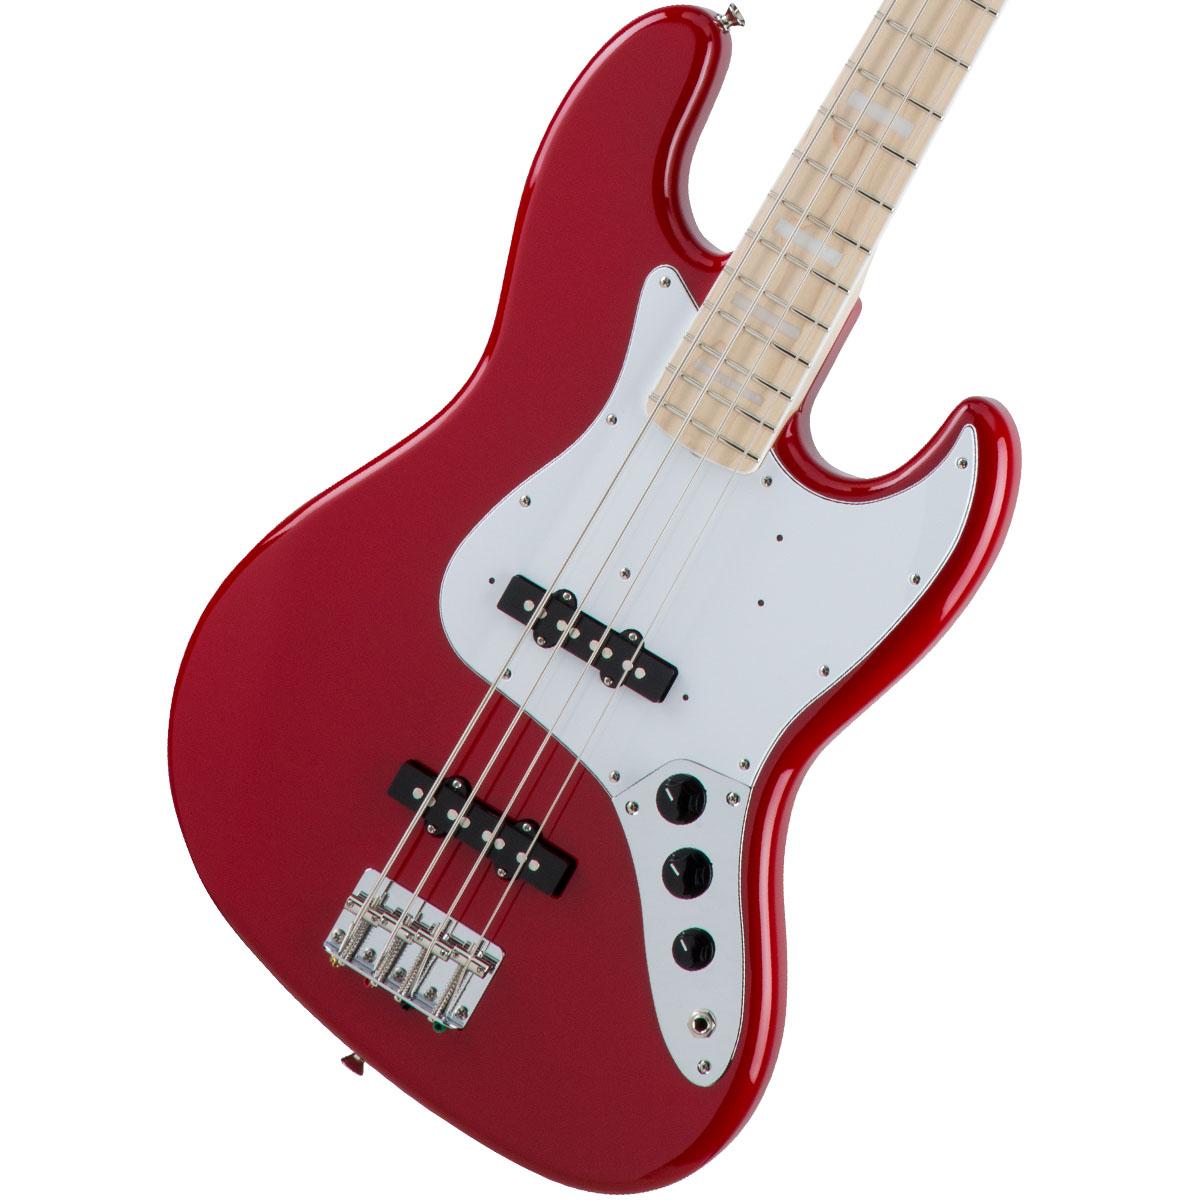 【タイムセール:7月2日12時まで】Fender / Made in Japan Traditional 70s Jazz Bass Maple Fingerboard Torino Red 【お取り寄せ商品】《FENDERケアキットプレゼント/+671038200》《ベース弦1setプレゼント!/+811131900》